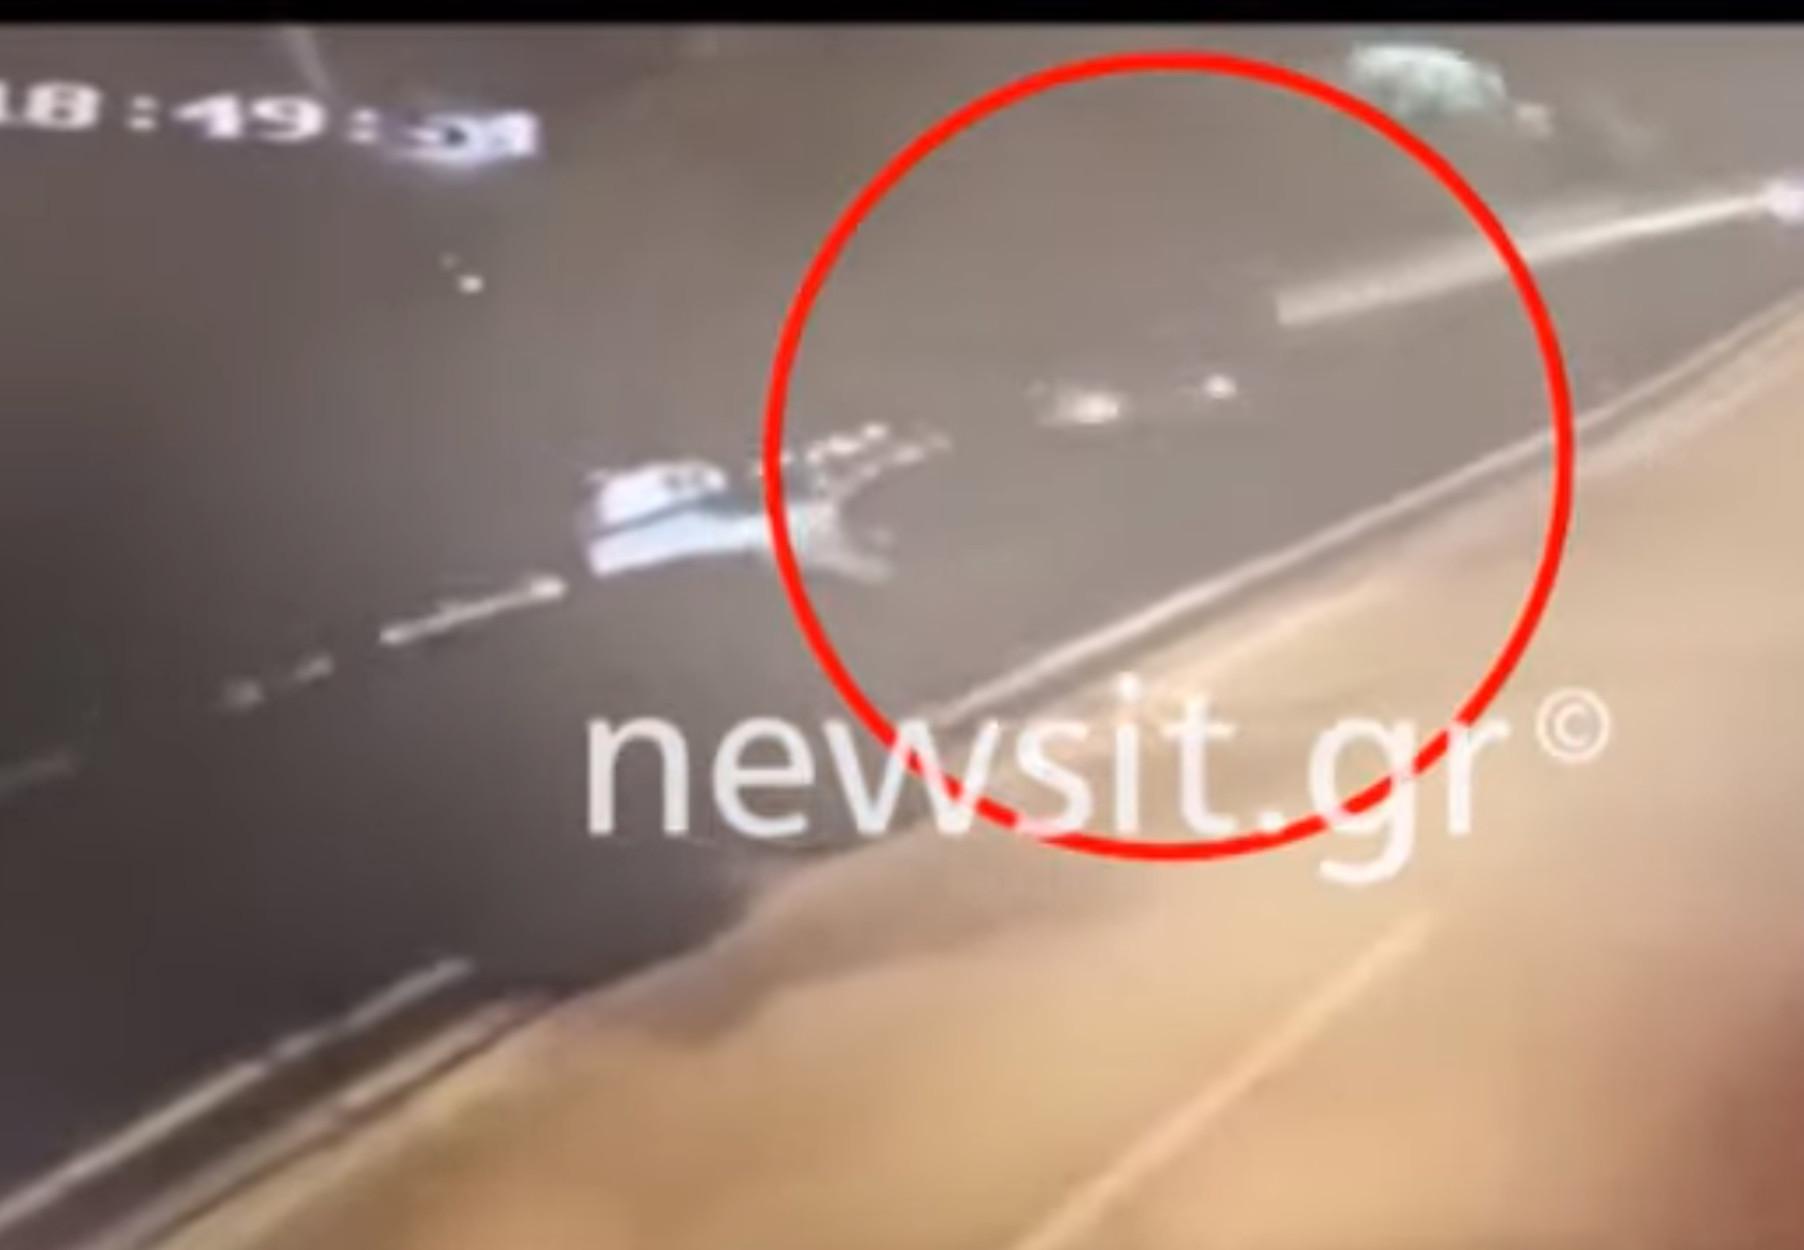 Αυτό είναι το αυτοκίνητο των δολοφόνων της Βάρης - Βίντεο - ντοκουμέντο την ώρα που φεύγουν από το σημείο του φονικού